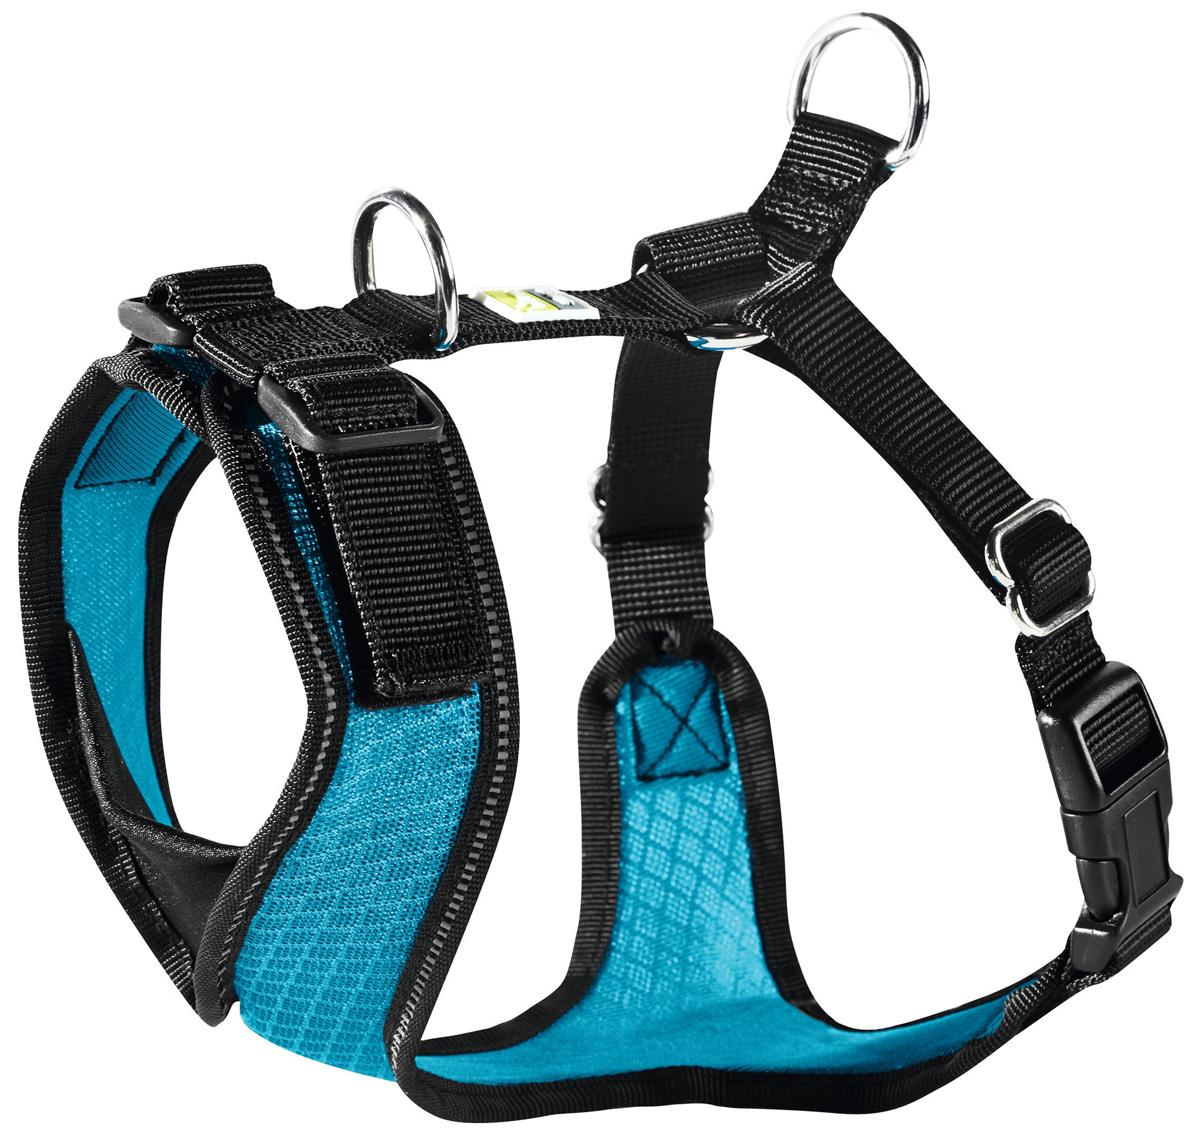 Шлейка для собак Hunter Manoa S нейлон сетчатый текстиль голубая 38 - 47 см (1 шт) rod халат парикмахерский черный с желтой каймой 5 размеров s 1 шт